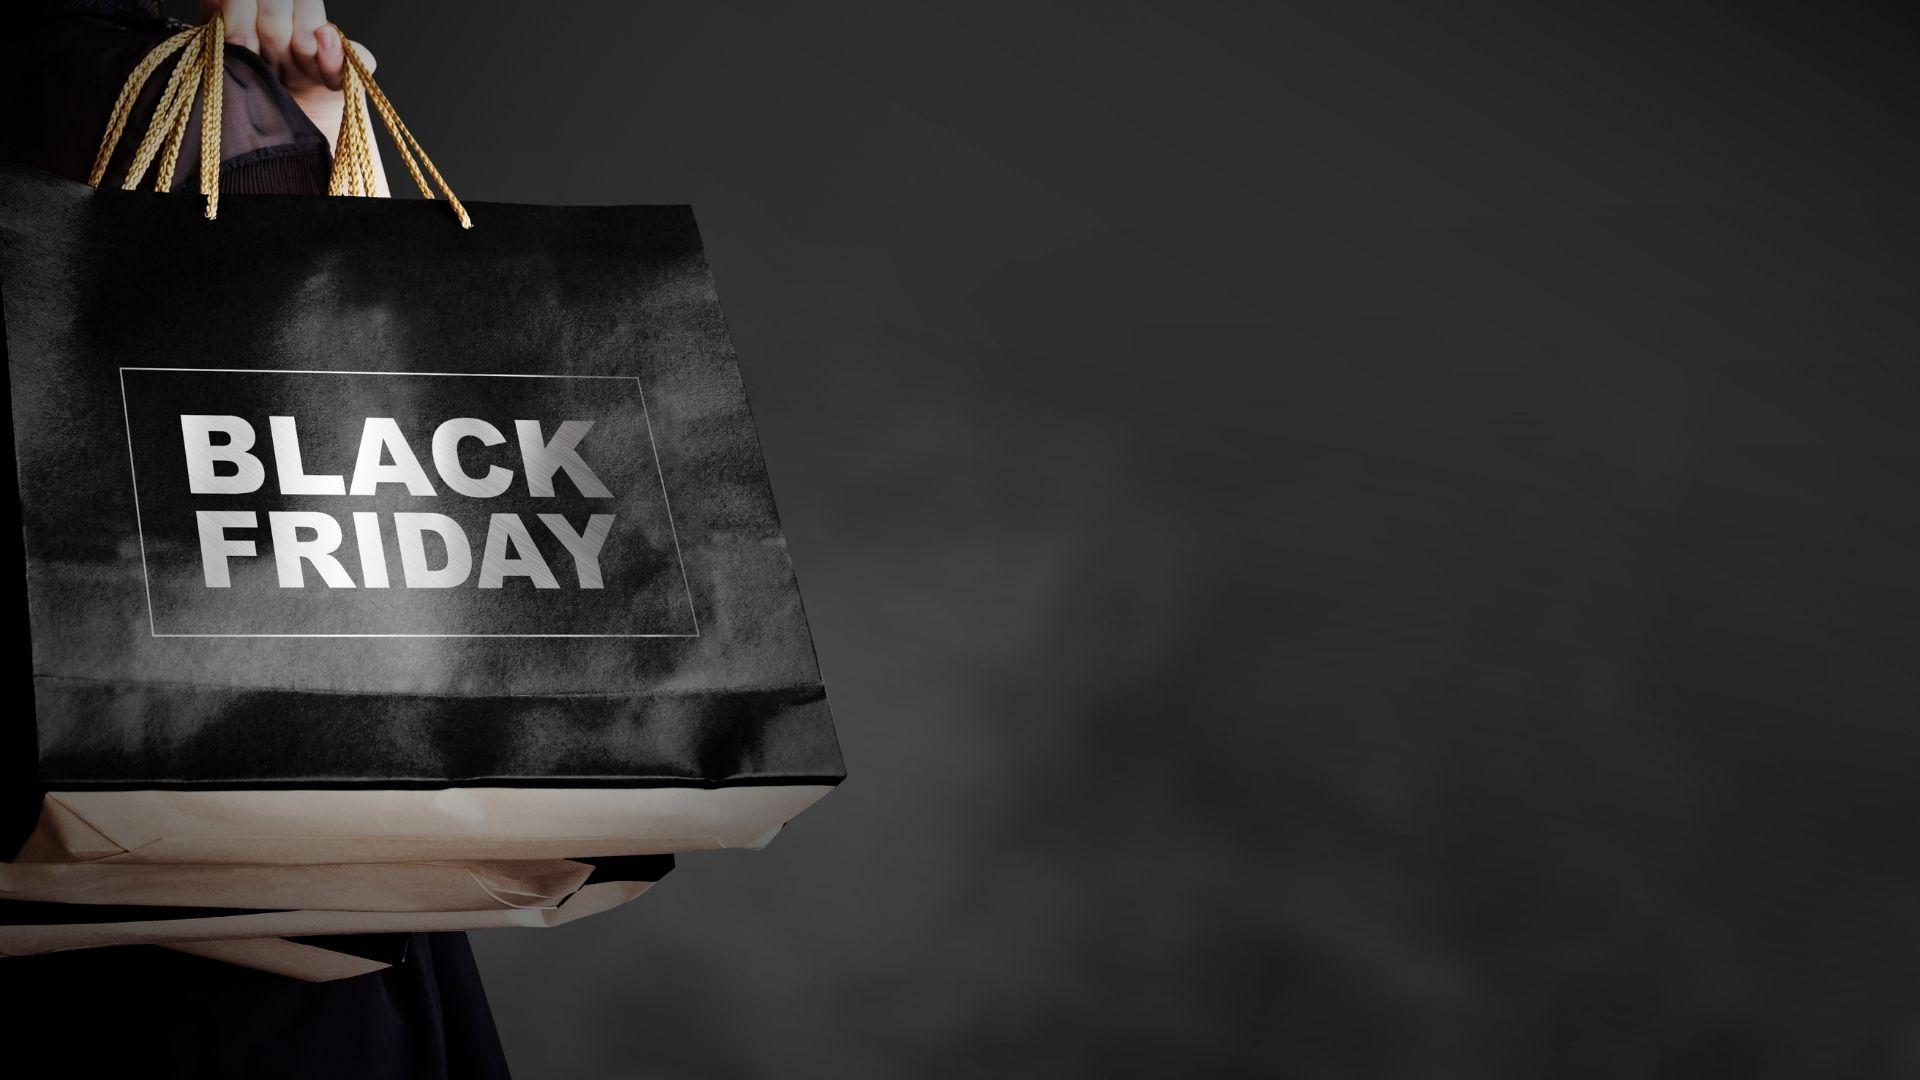 Amazon : La campagne publicitaire du Black Friday est suspendue